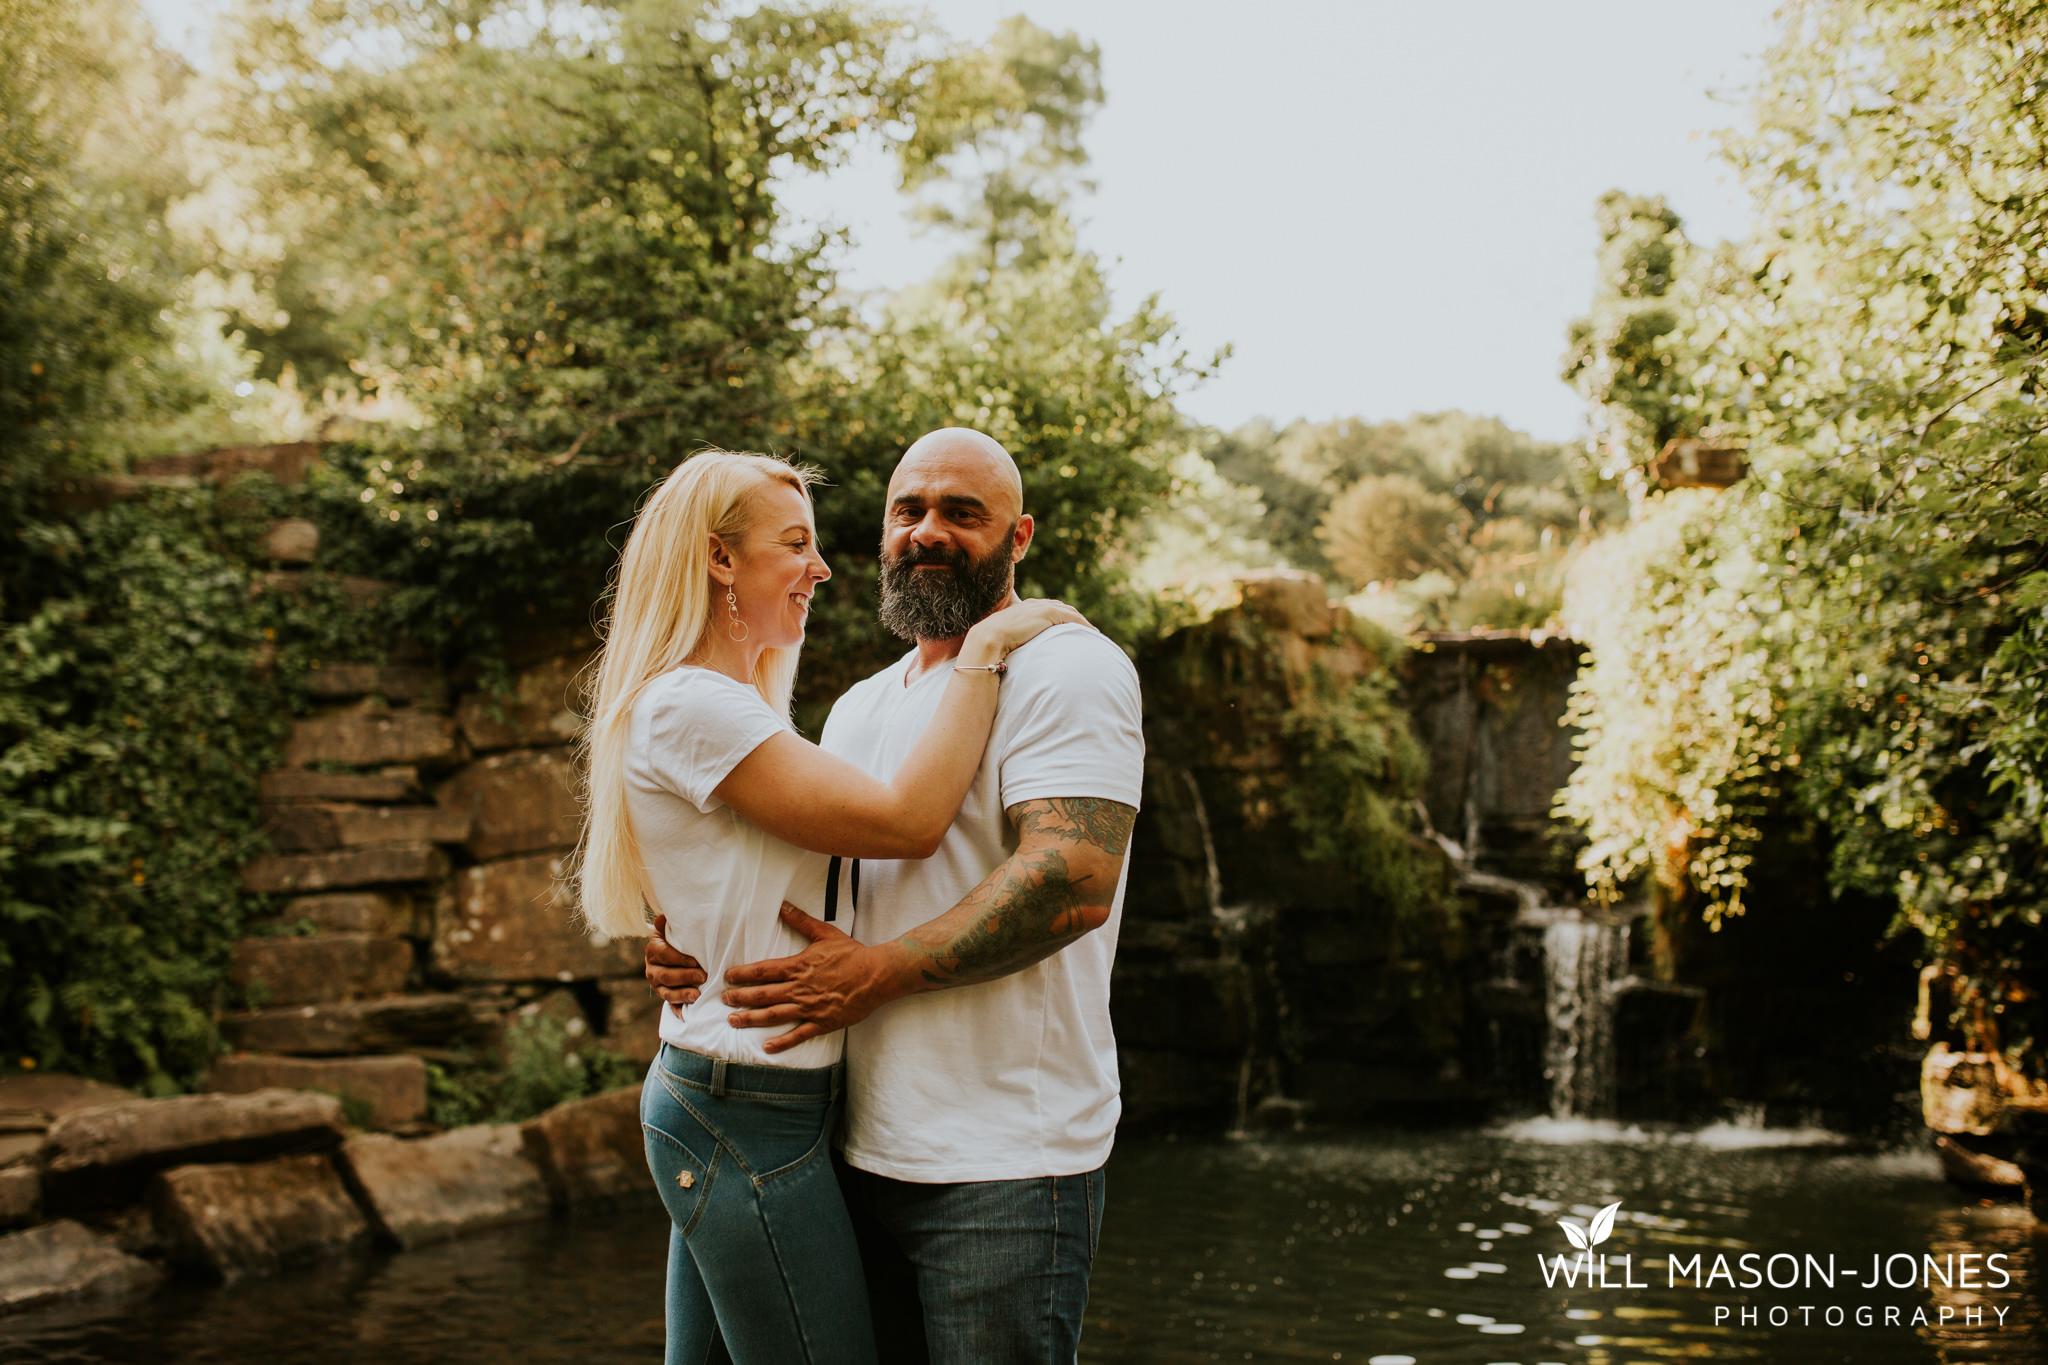 penllegaer-woods-couple-engagement-photographer-swansea-33.jpg